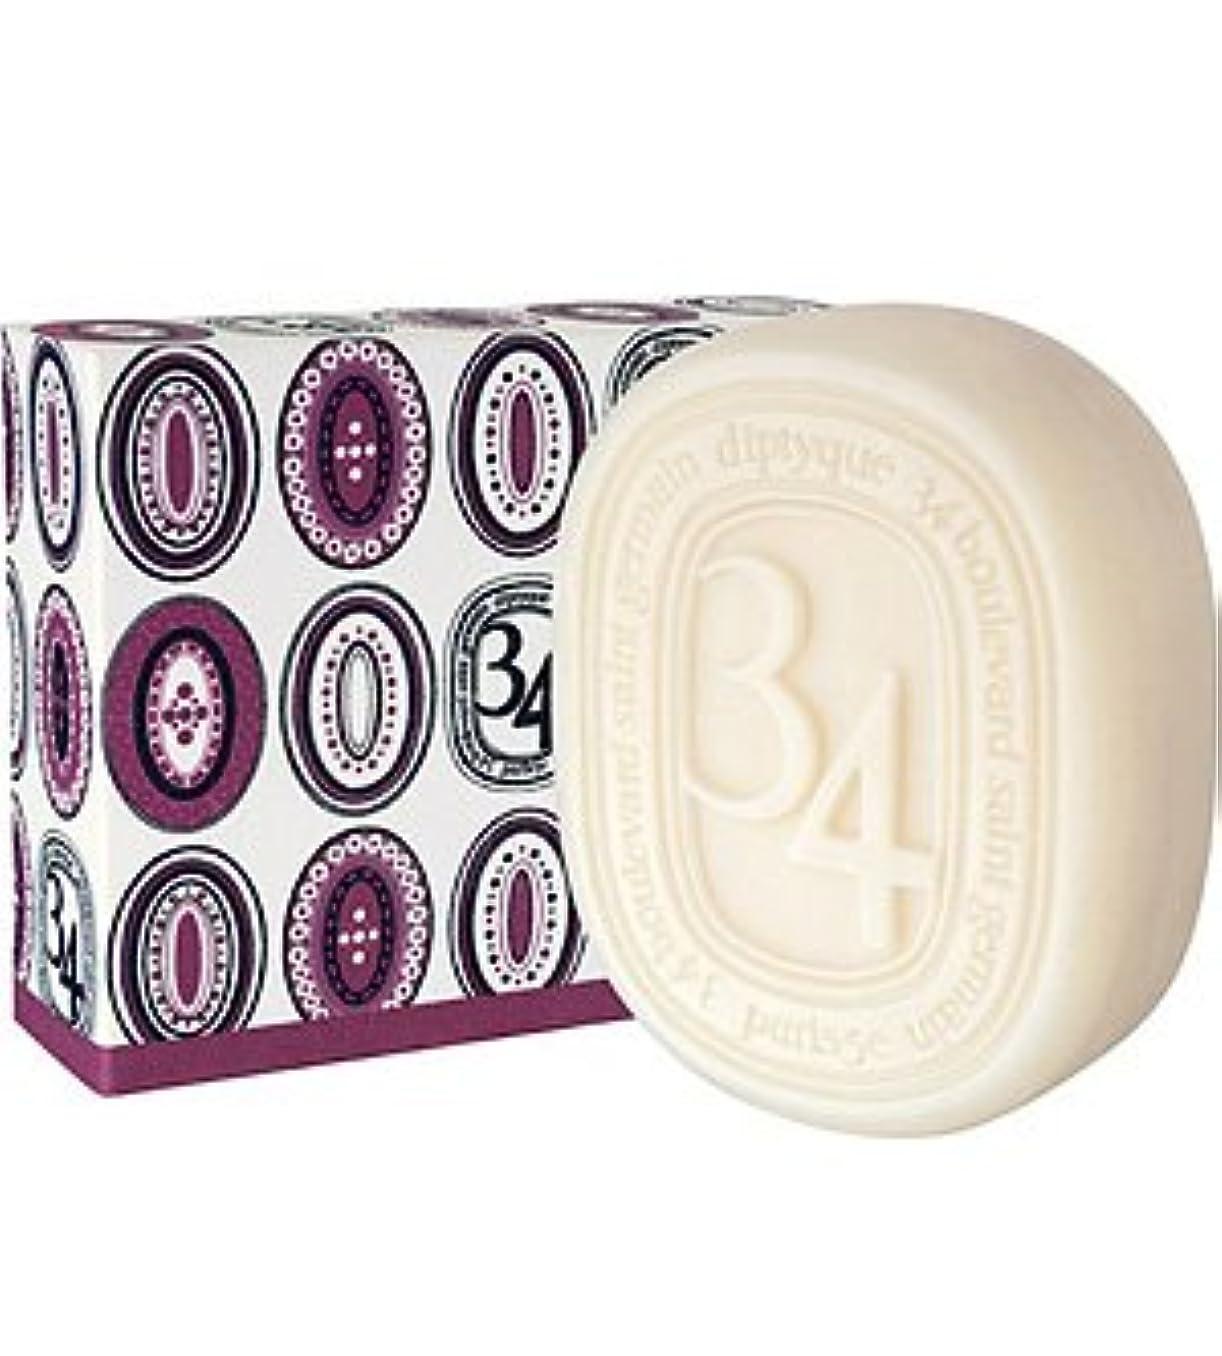 宇宙船誰真珠のようなDiptyque - 34 Boulevard Saint Germain (ディプティック 34 ブールバード セイント ジャーマン) 200 g Soap (固形石鹸)